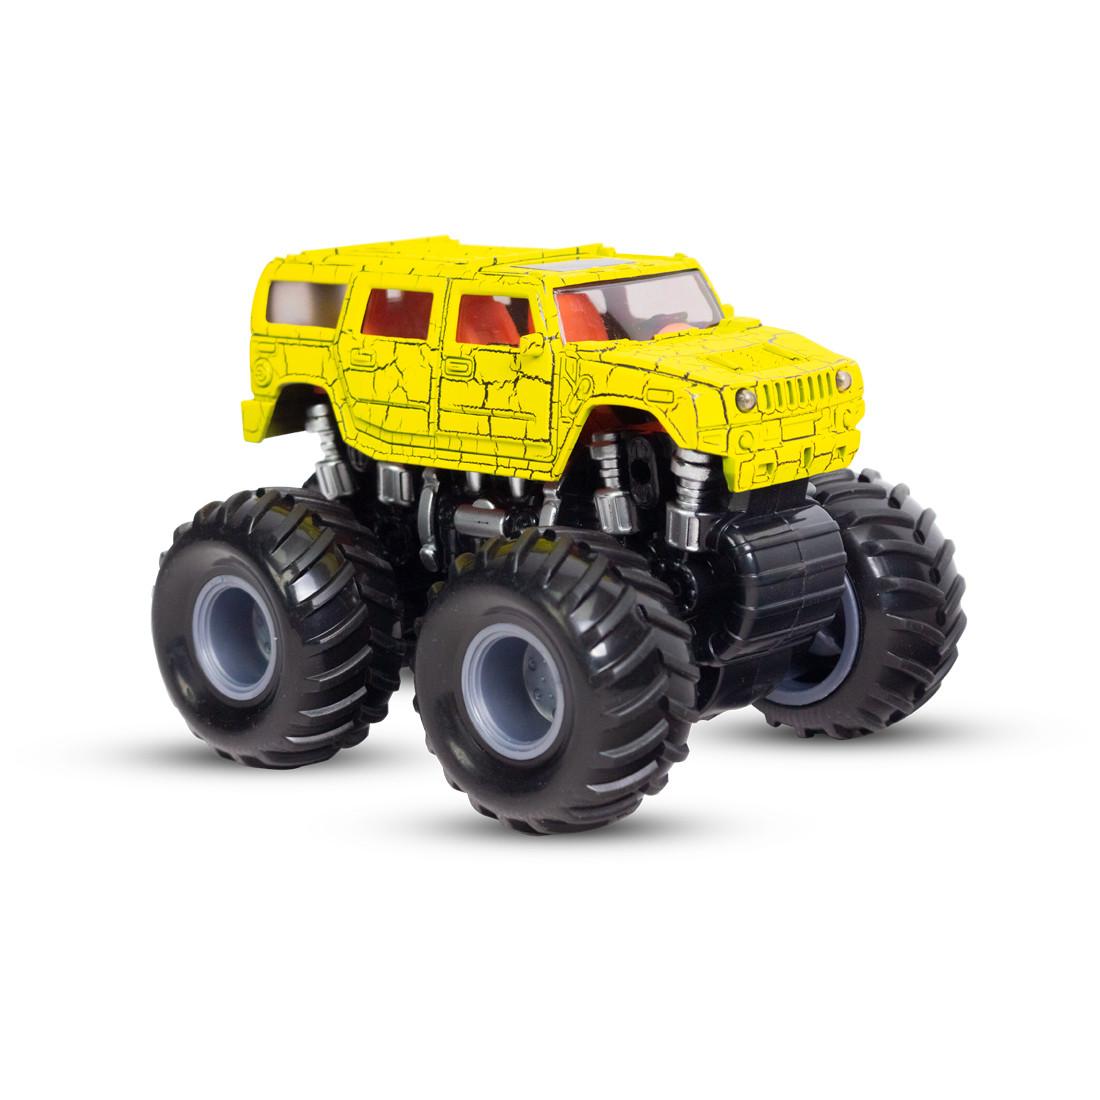 Инерционный внедорожник 12см, X Game kids, X7652, Серия OFF-ROAD, Открытая упаковка, Желтый кузов, Цветная